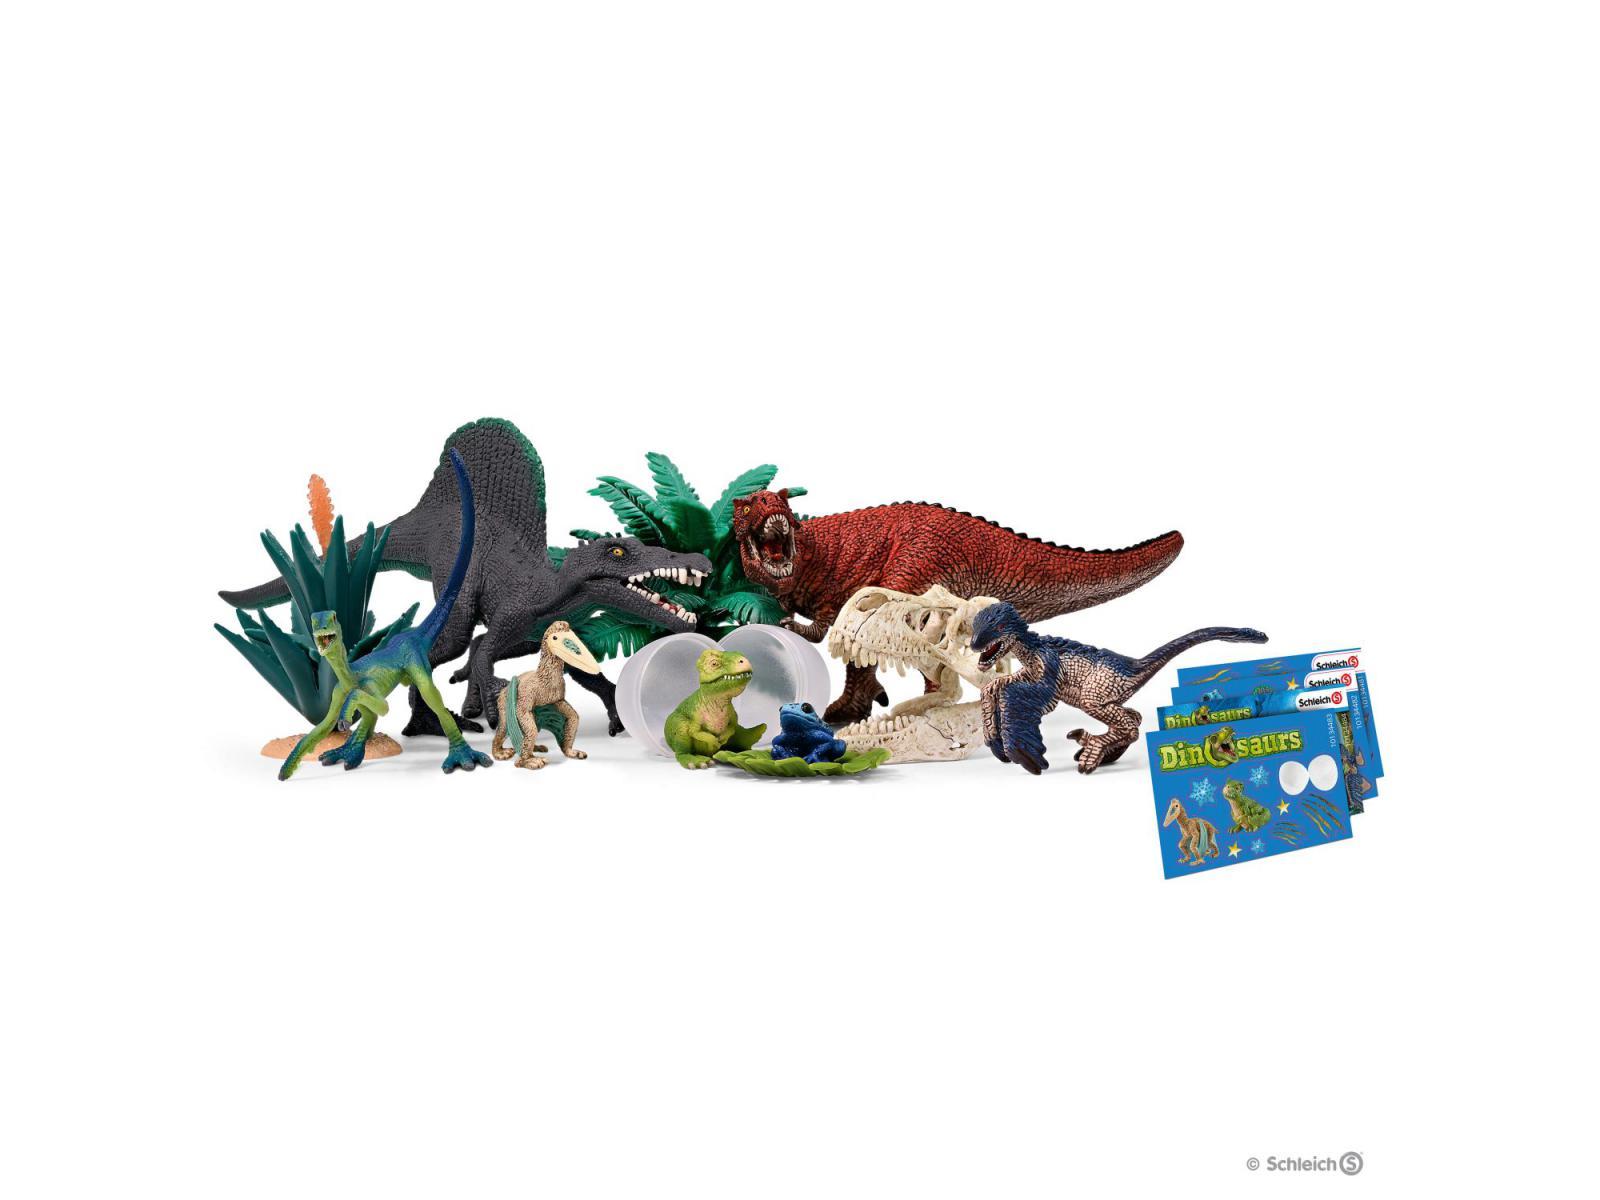 Calendrier De Lavent Schleich Chevaux 2019.Schleich Calendrier De L Avent Dinosaures 2019